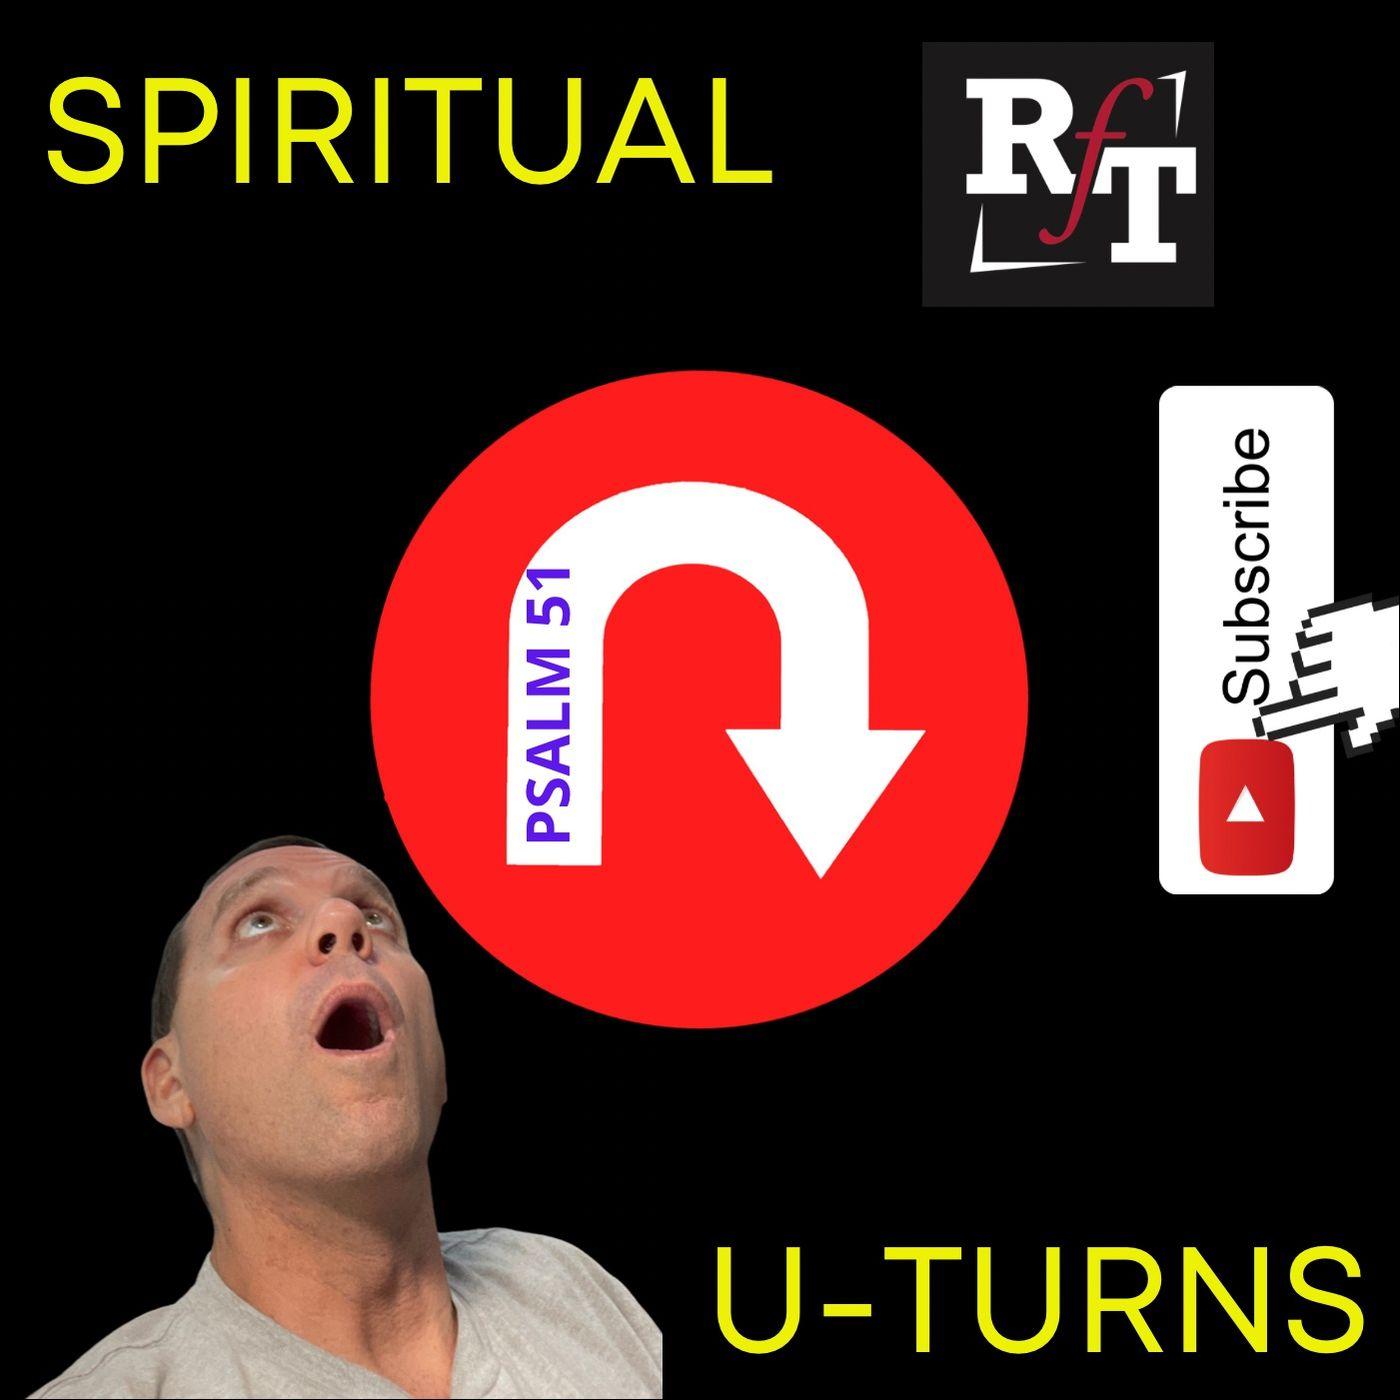 Spiritual U-Turns - 4:23:21, 5.26 PM